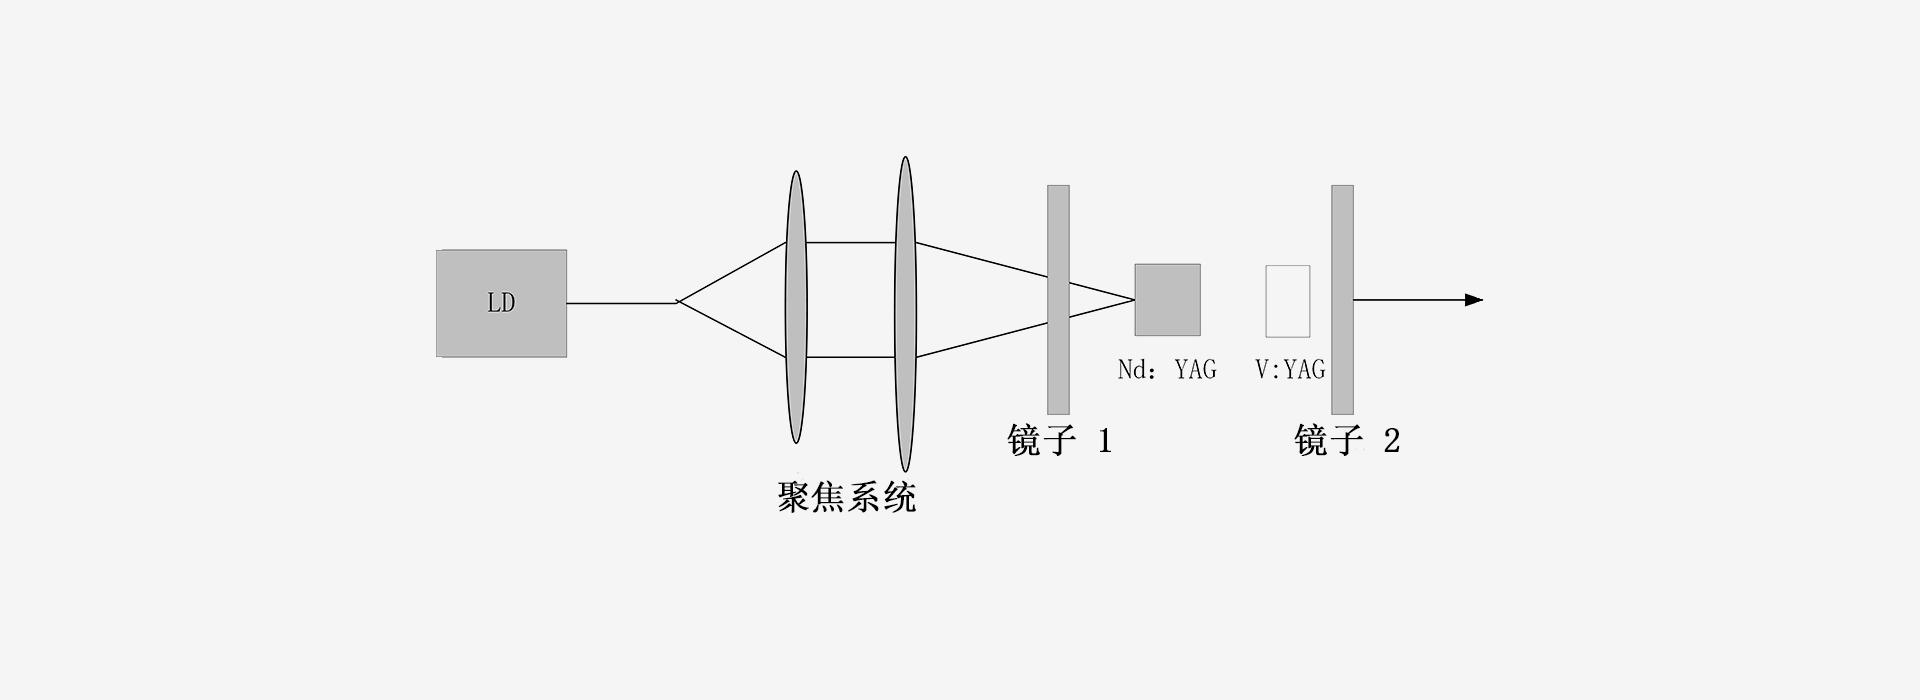 1300-激光器原理图-南京光宝-CRYLINK